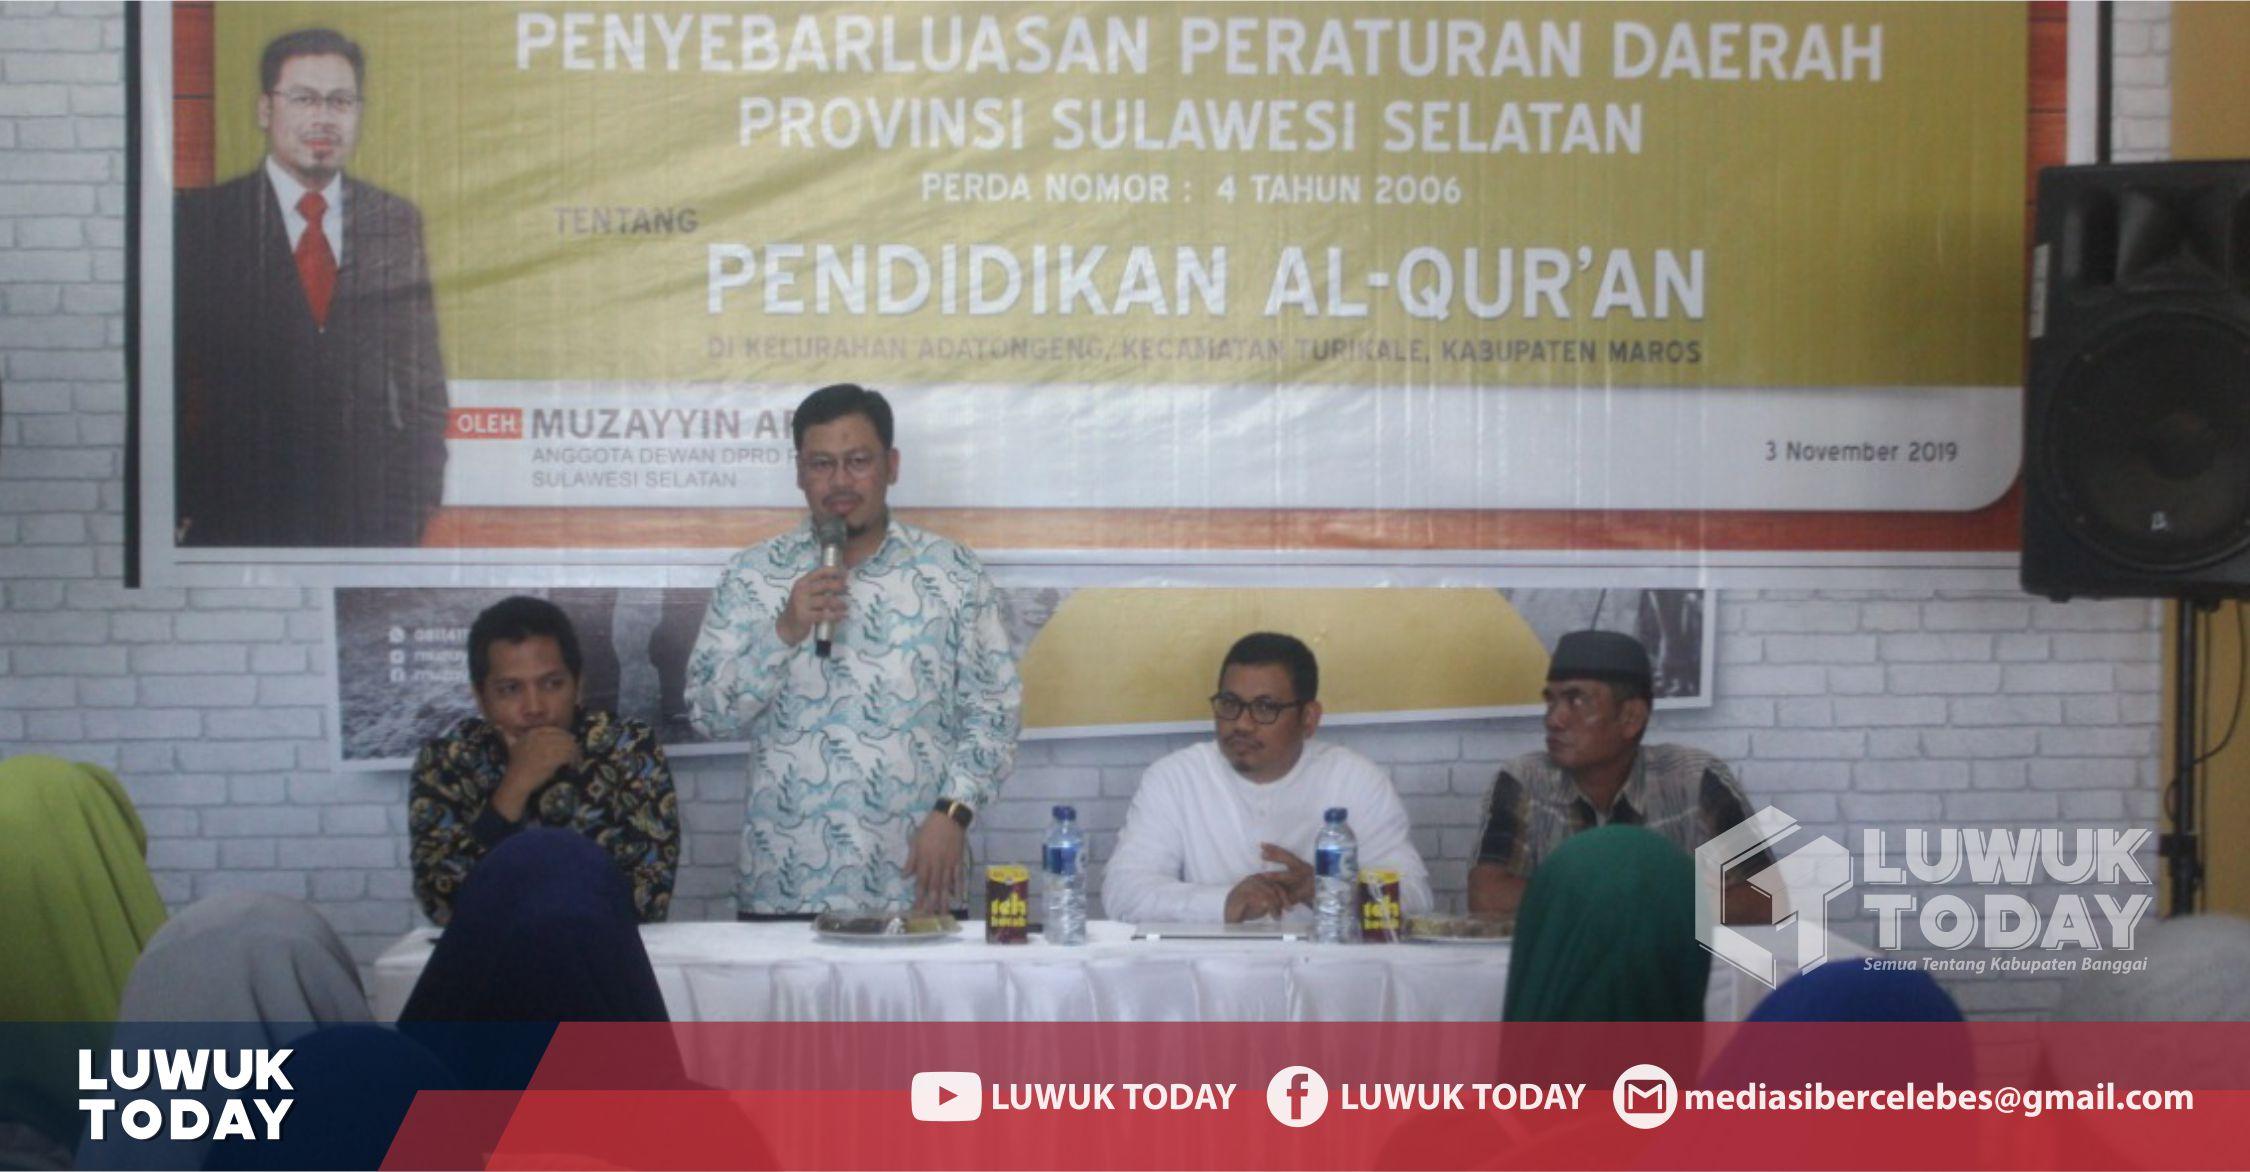 Foto  Wakil Ketua DPRD Sulsel, Muzayyin Arif, melakukan sosialisasi Perda No 4 Tahun 2006 tentang Pendidikan Alquran, Ahad (3/11/2019).